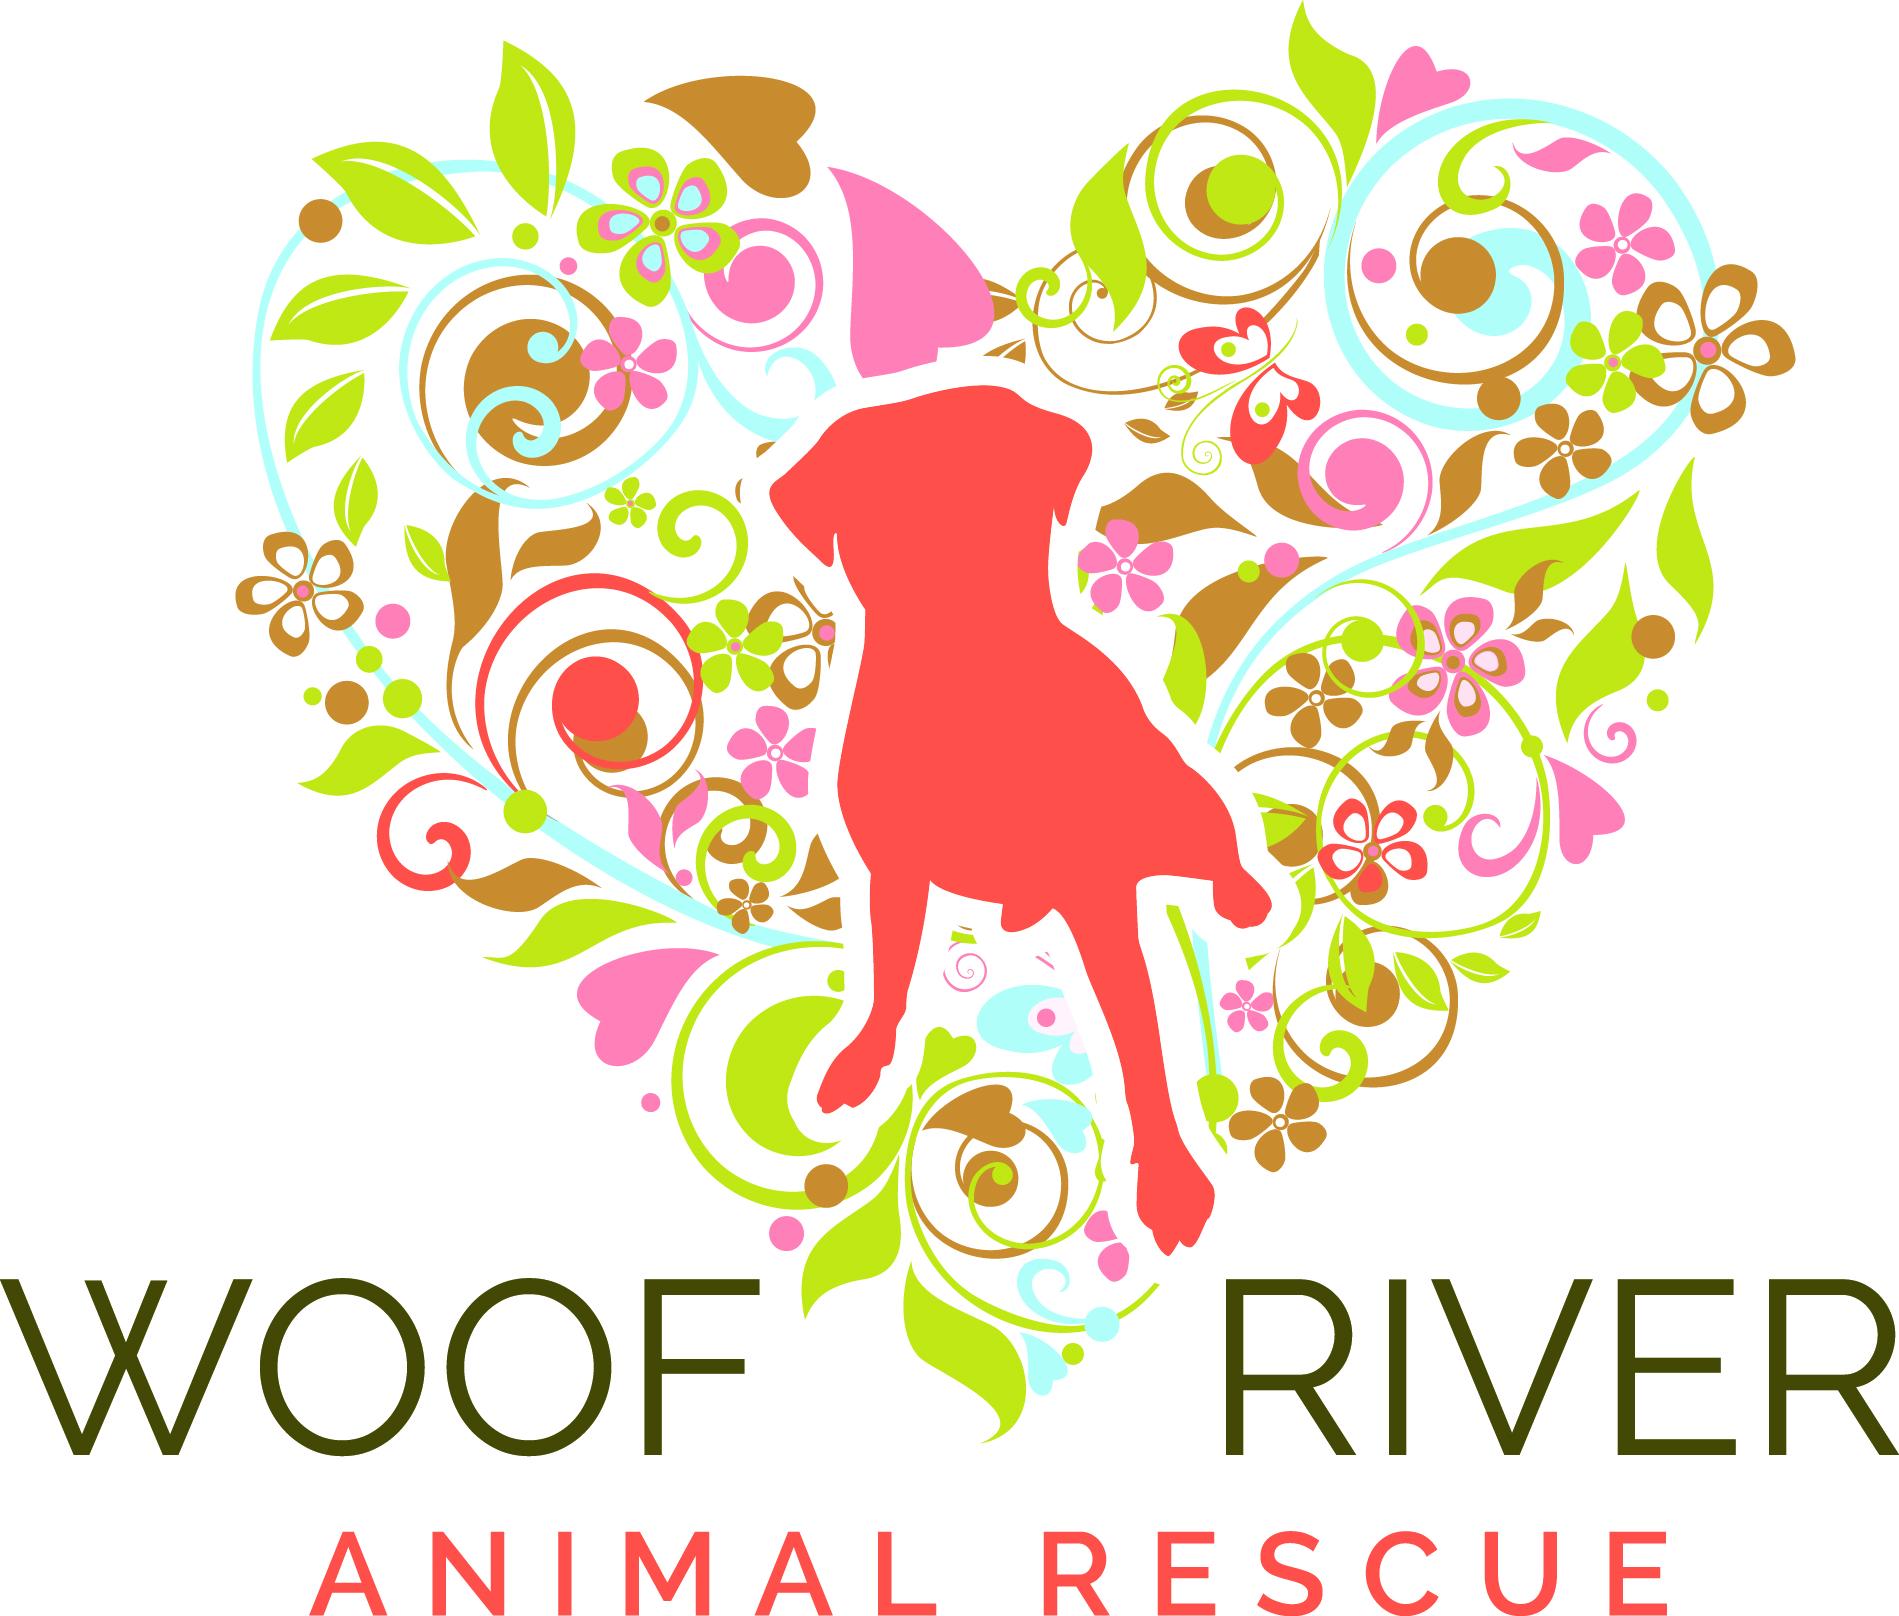 woof river animal rescue Woof River Animal Rescue – Memphis, TN